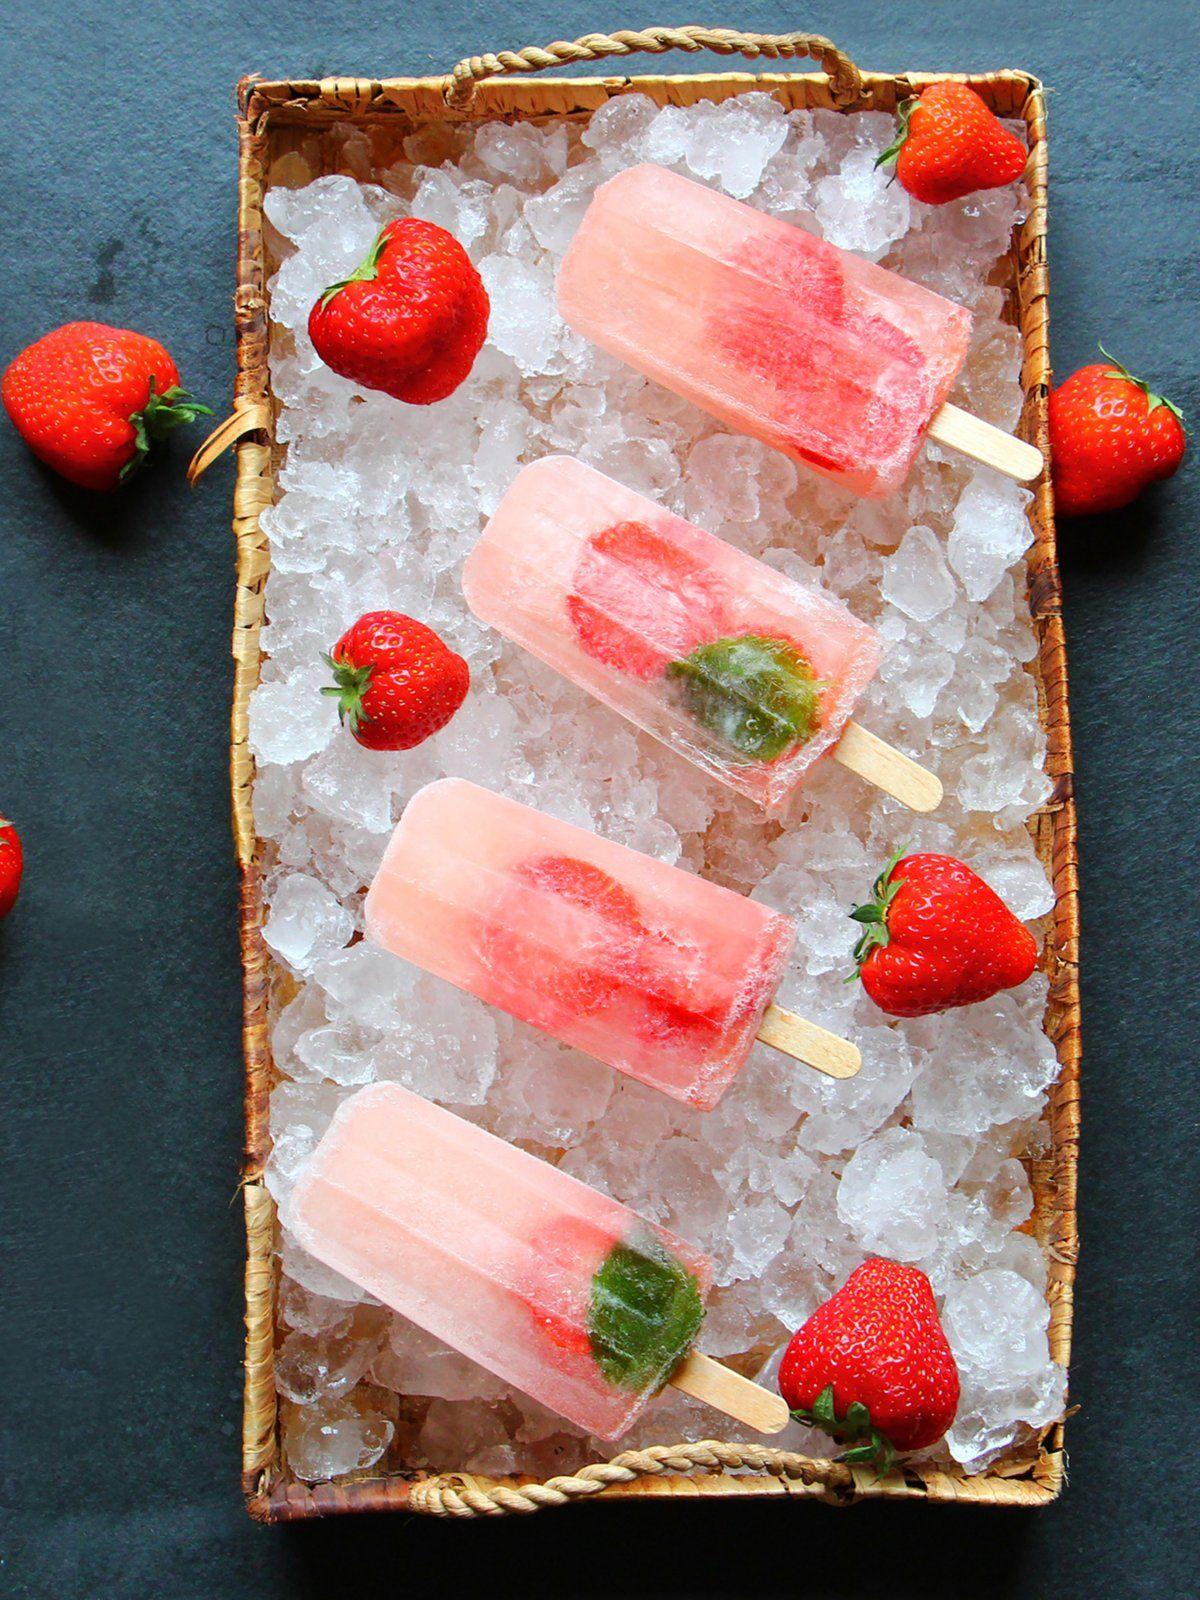 Cocktails schmecken nicht nur im Glas, auch als Wassereis sind sie erfrischend: die sogenannten Poptails, Cocktails als Wassereis, sind in diesem Sommer schwer angesagt!Lillet Wild Berry Poptail: ergibt 2-3 Poptails10 cl Schweppes Russian Wild Berry5 cl Lillet1 Erdbeere, in Scheiben geschnittenDie Zutaten miteinander vermischen, in Eisförmchen füllen und einfrieren. Ganz einfach und schnell!